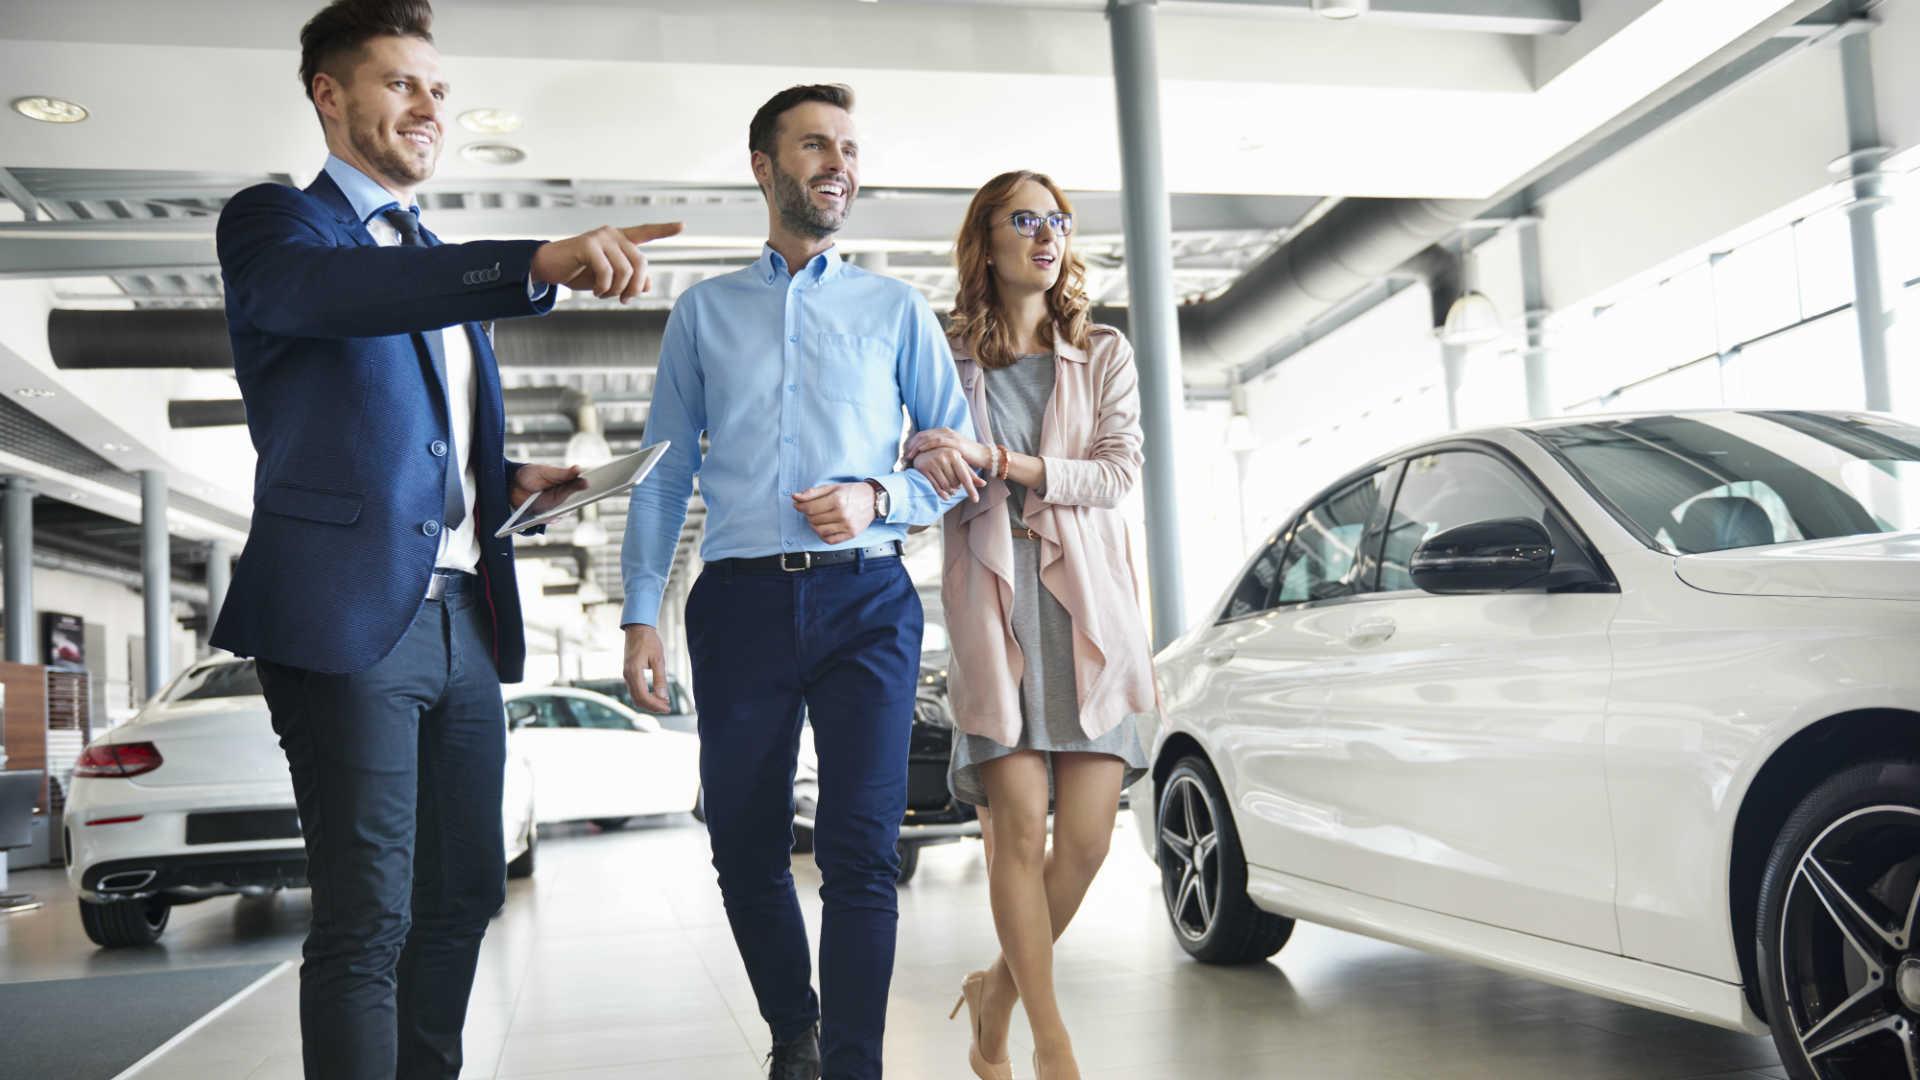 Online reviews vital in choosing a car dealer